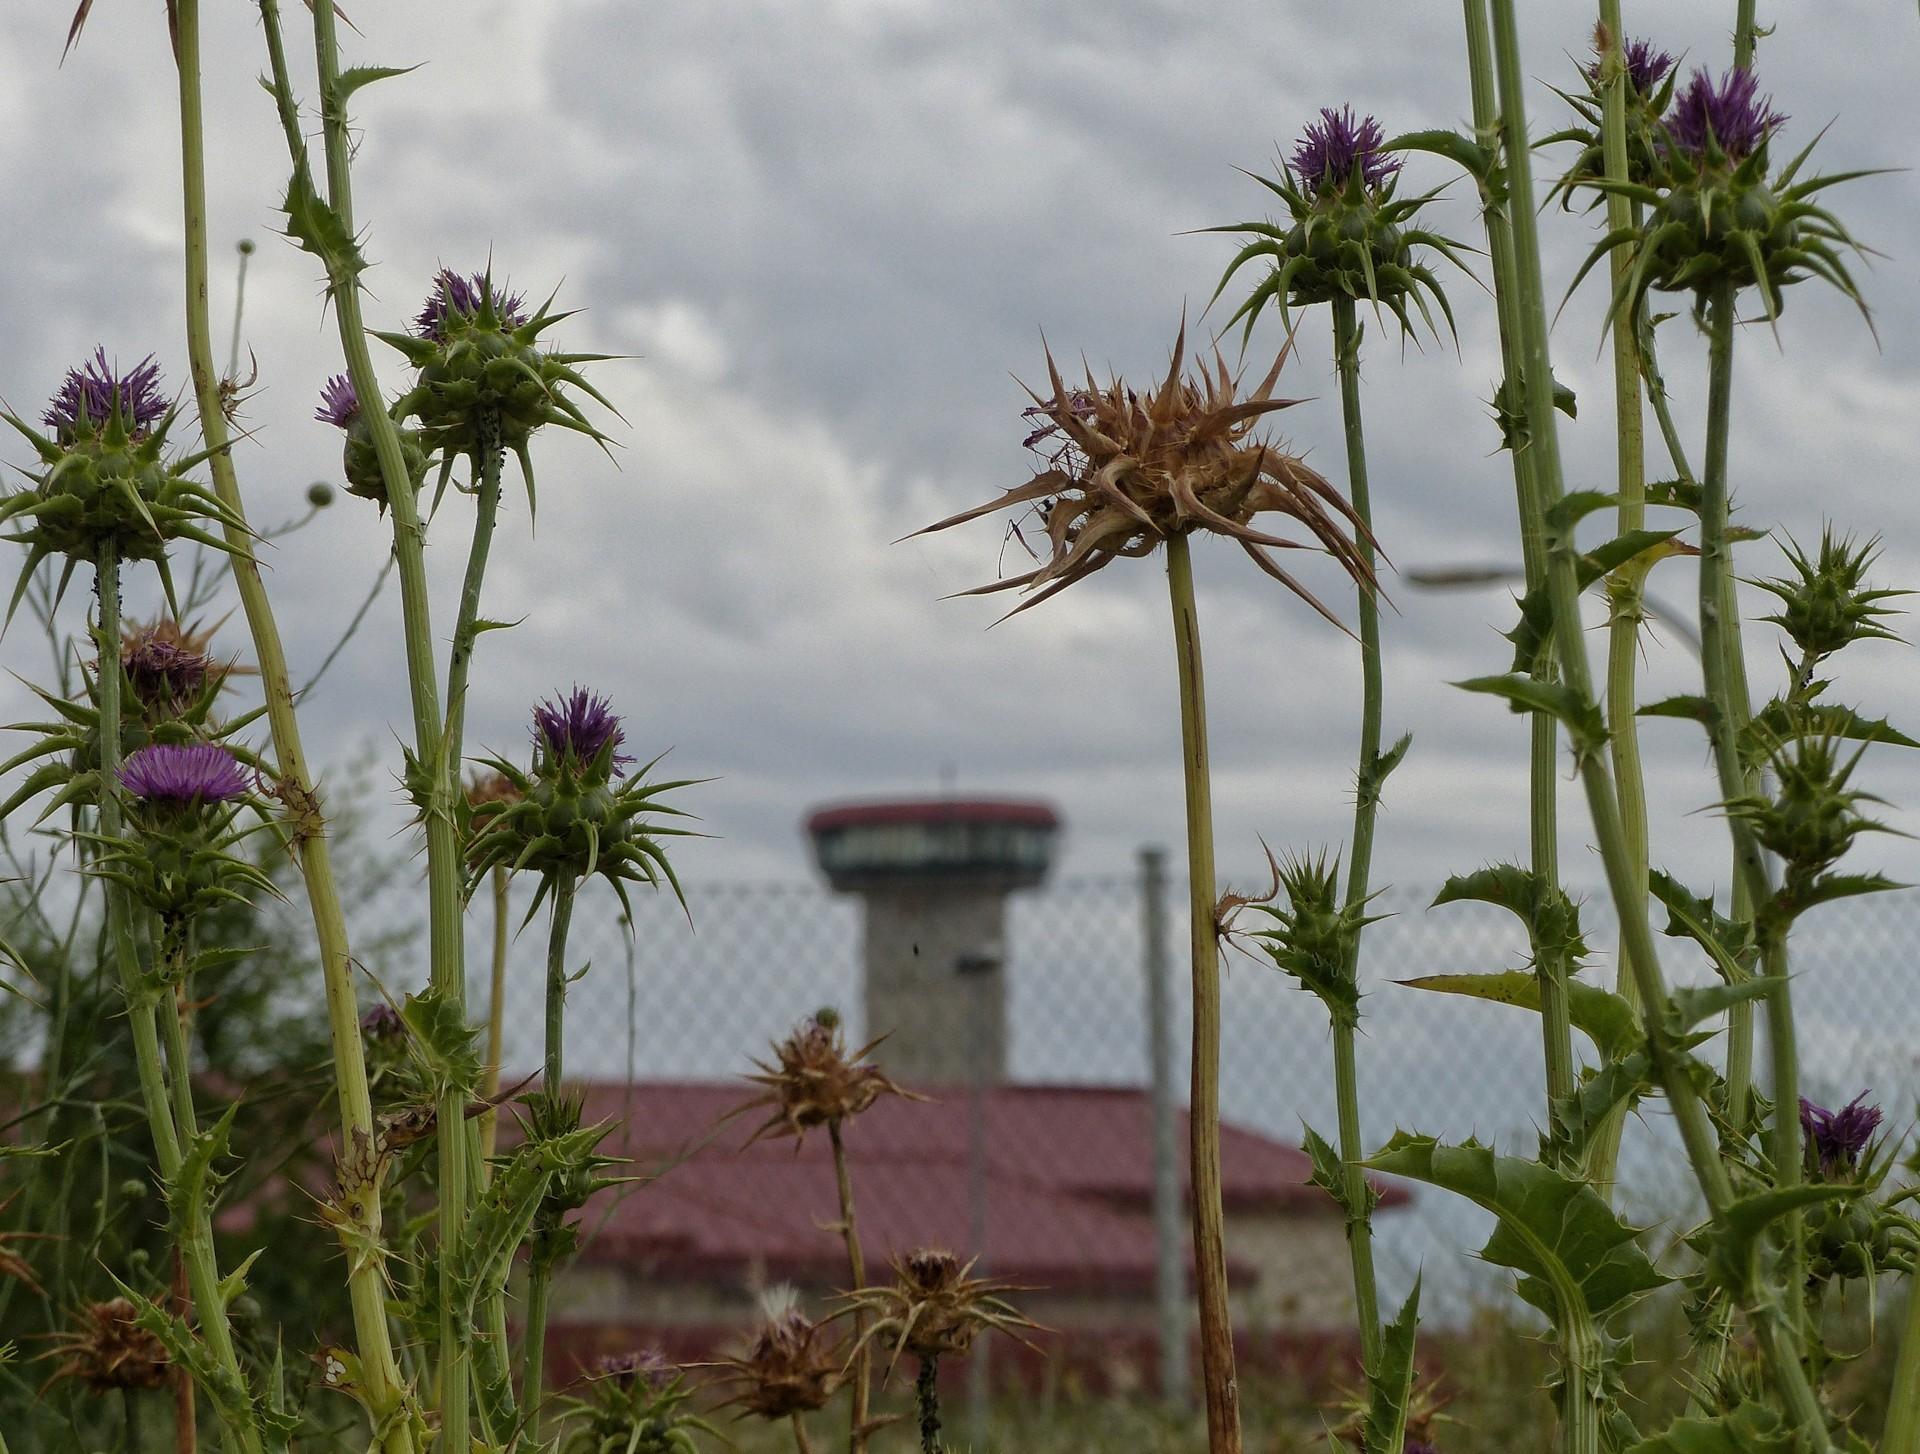 reportaje-prisiones-flores-030620.jpg